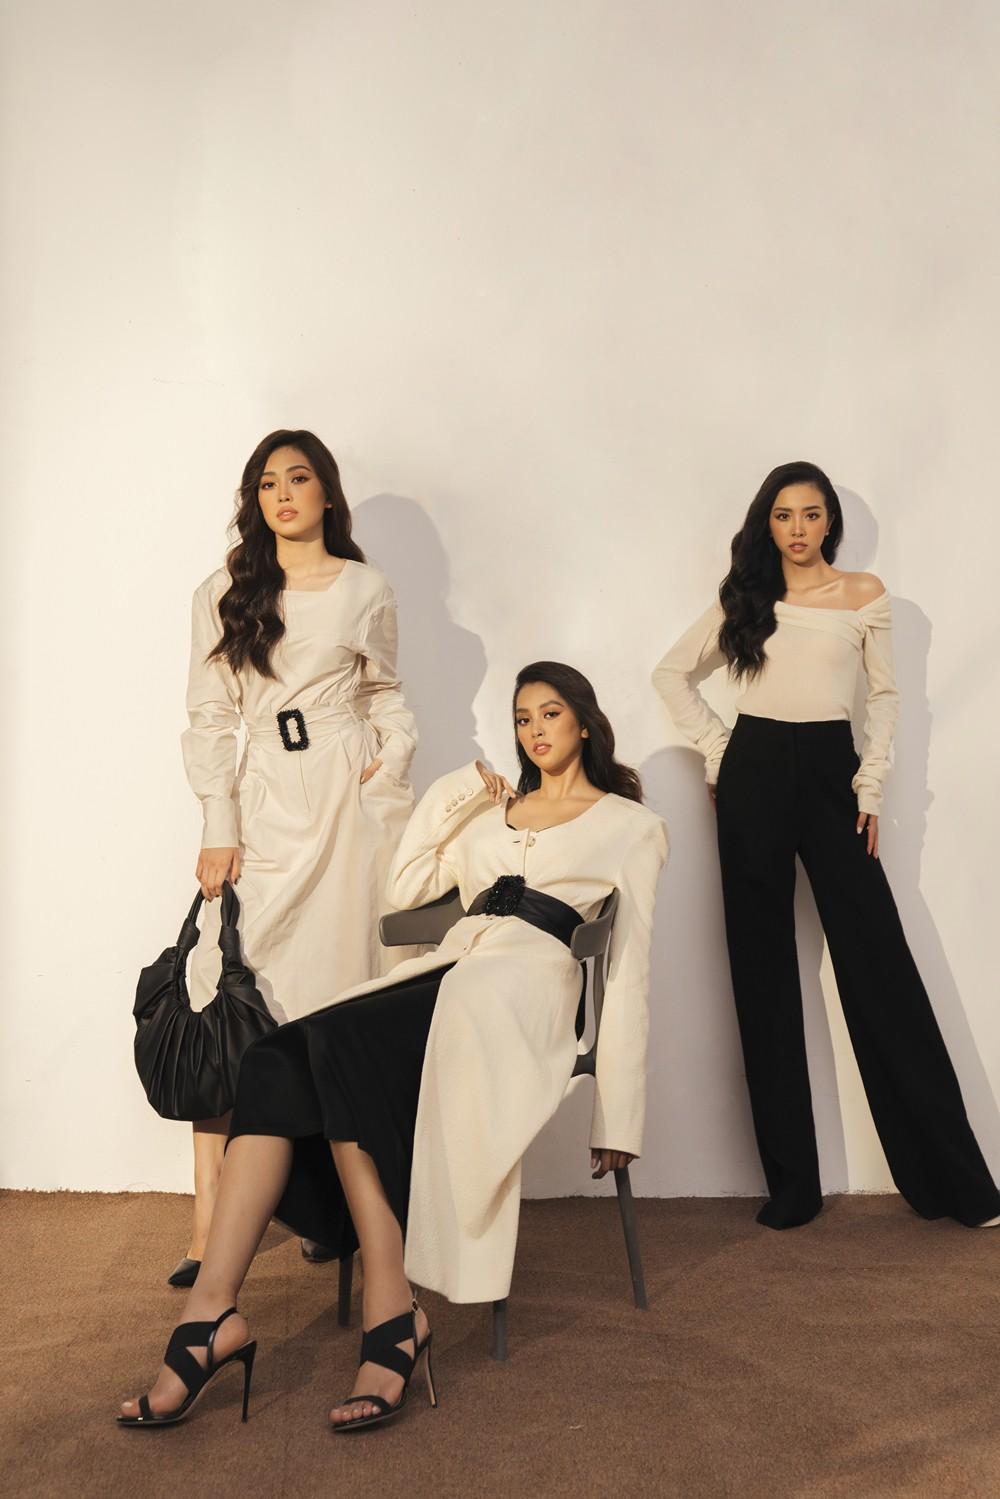 Bộ ảnh kỷ niệm 1 năm đăng quang cực khác biệt của Hoa hậu Tiểu Vy, Á hậu Phương Nga, Thúy An 2